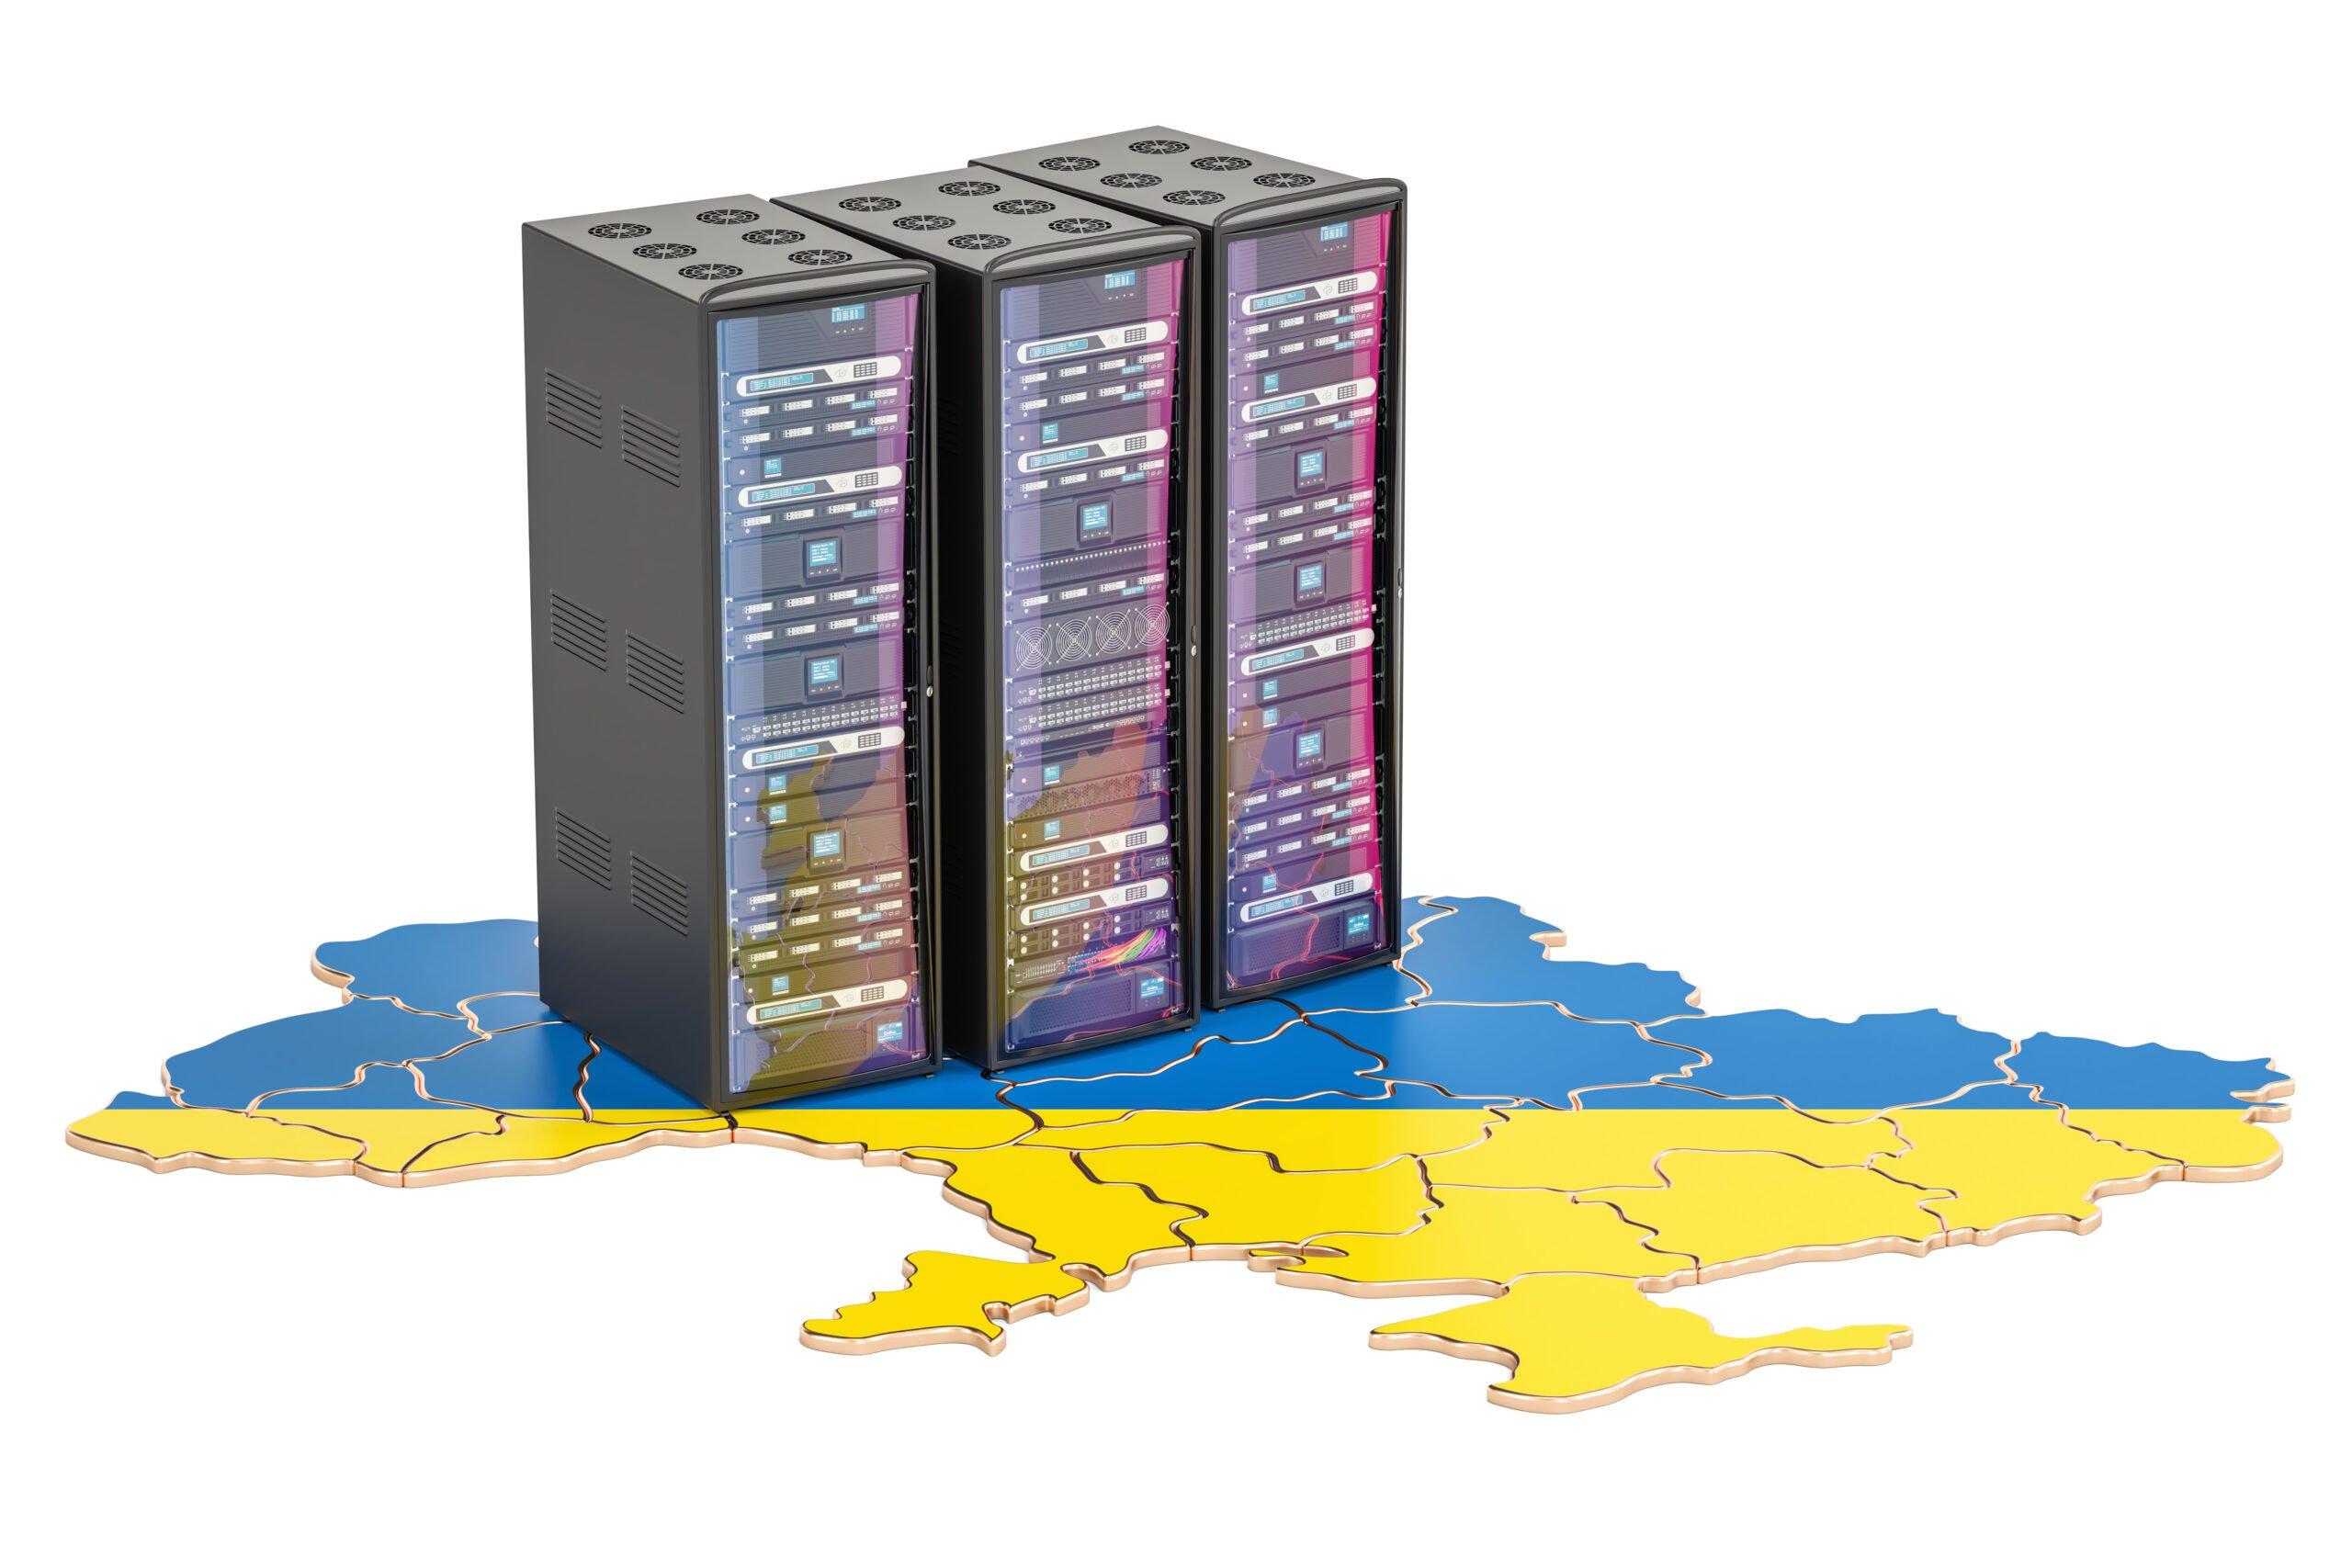 KR servers ukraine